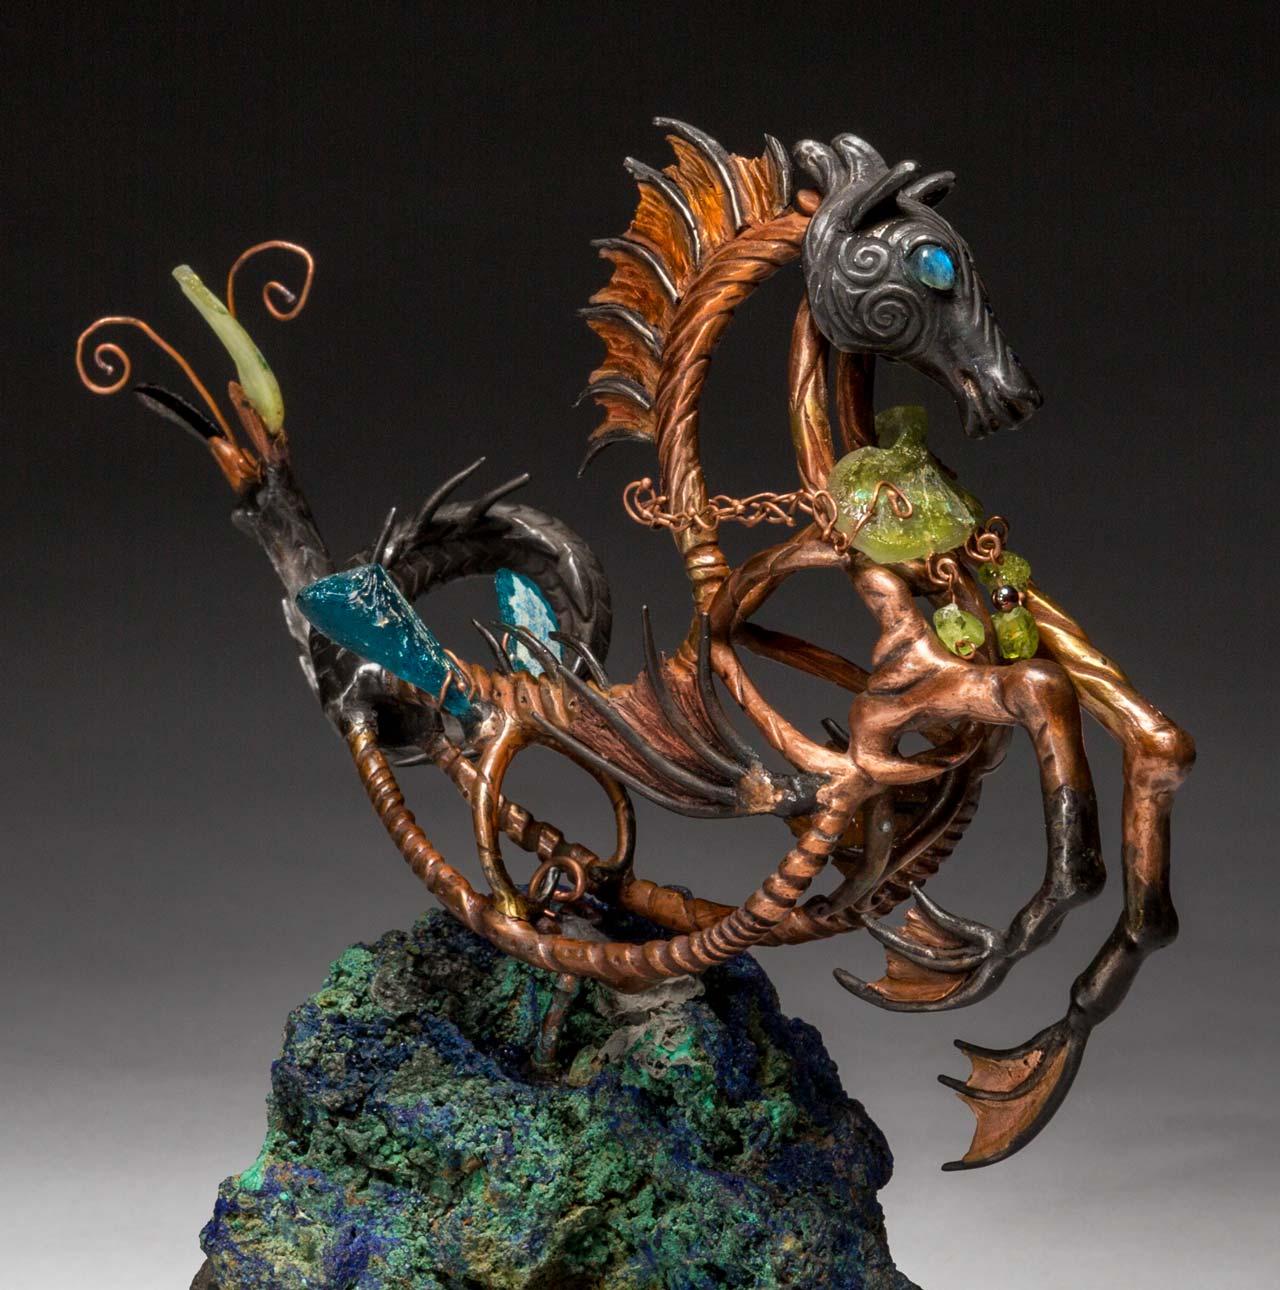 metal sculpture: neptune 3/4 view